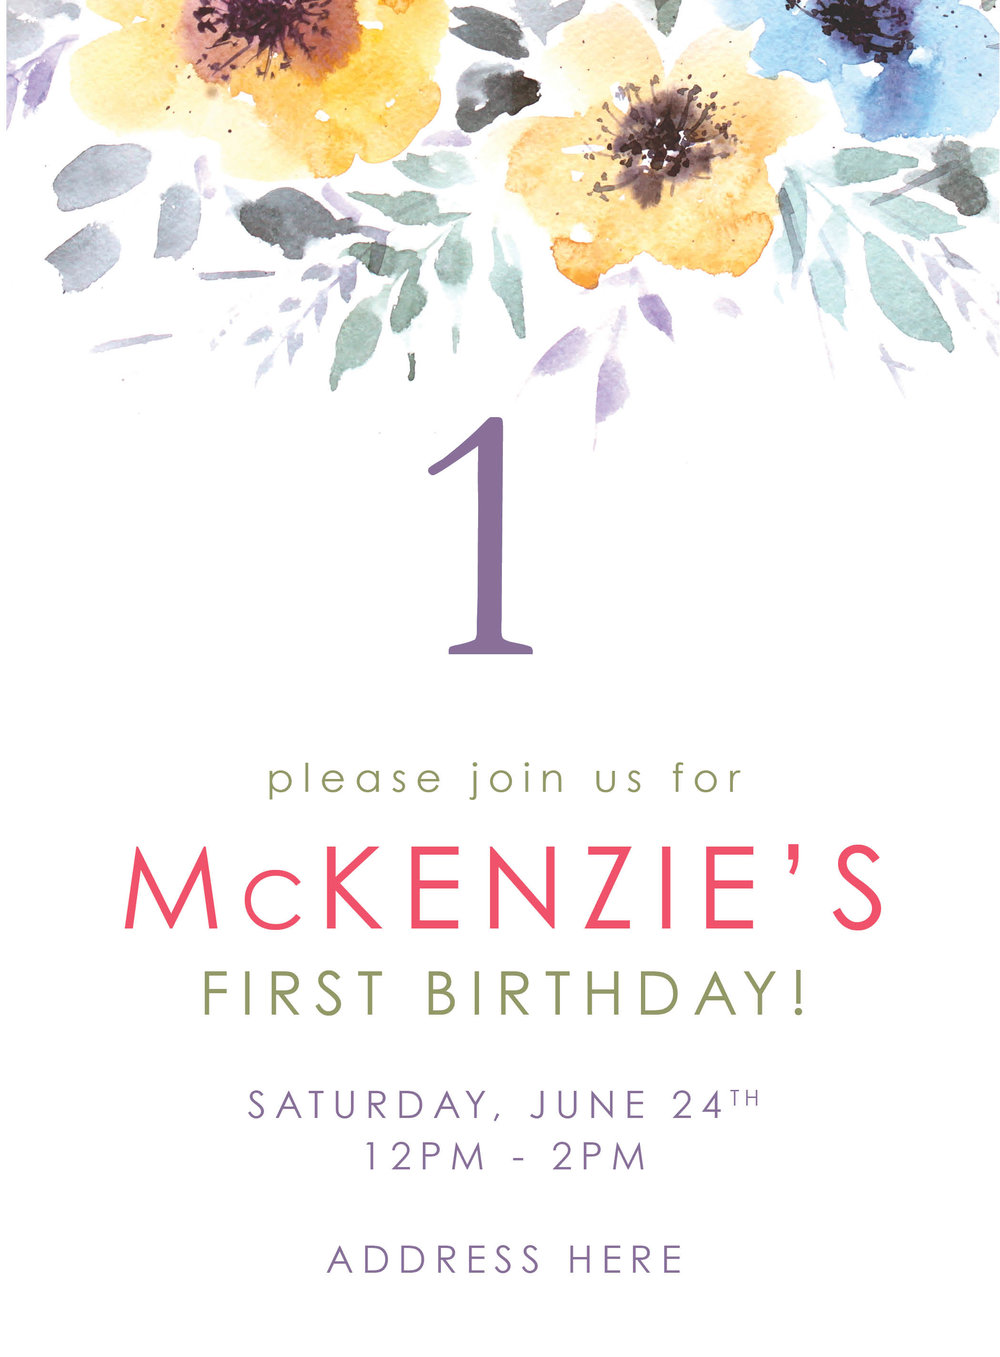 McKenzie_Invite3 2.jpg